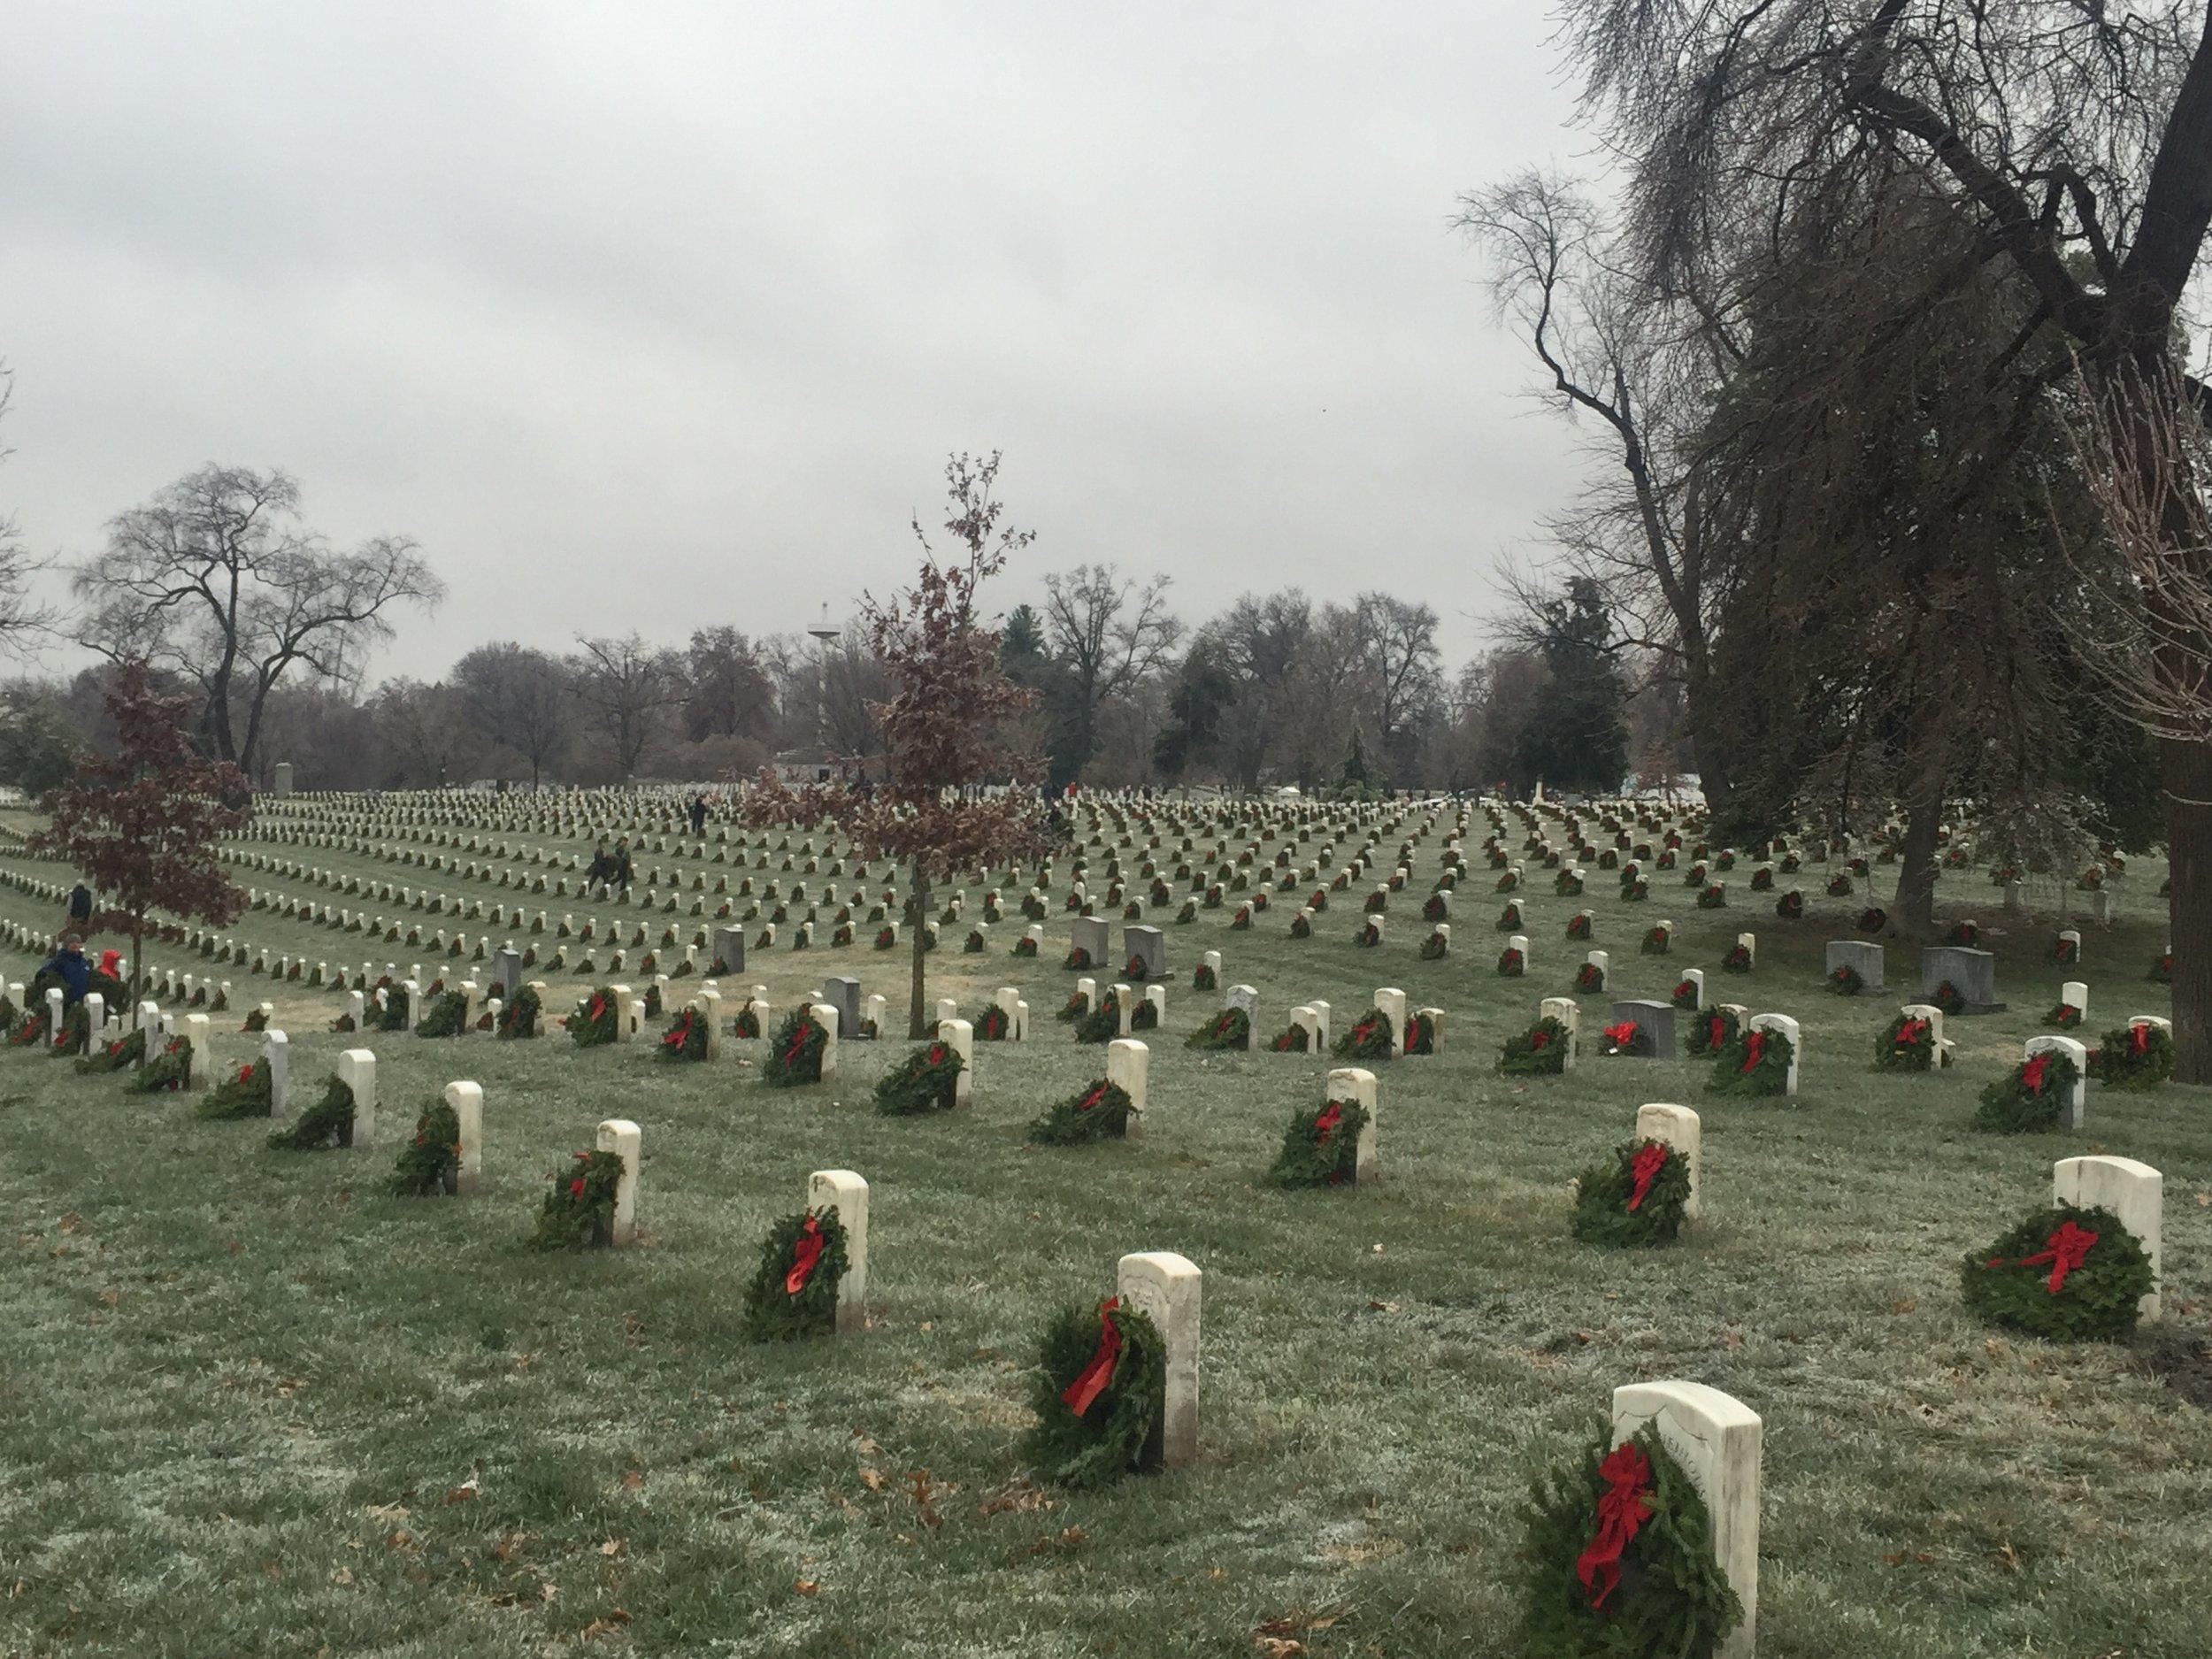 Arlington national cemetery  wreaths across america 2016